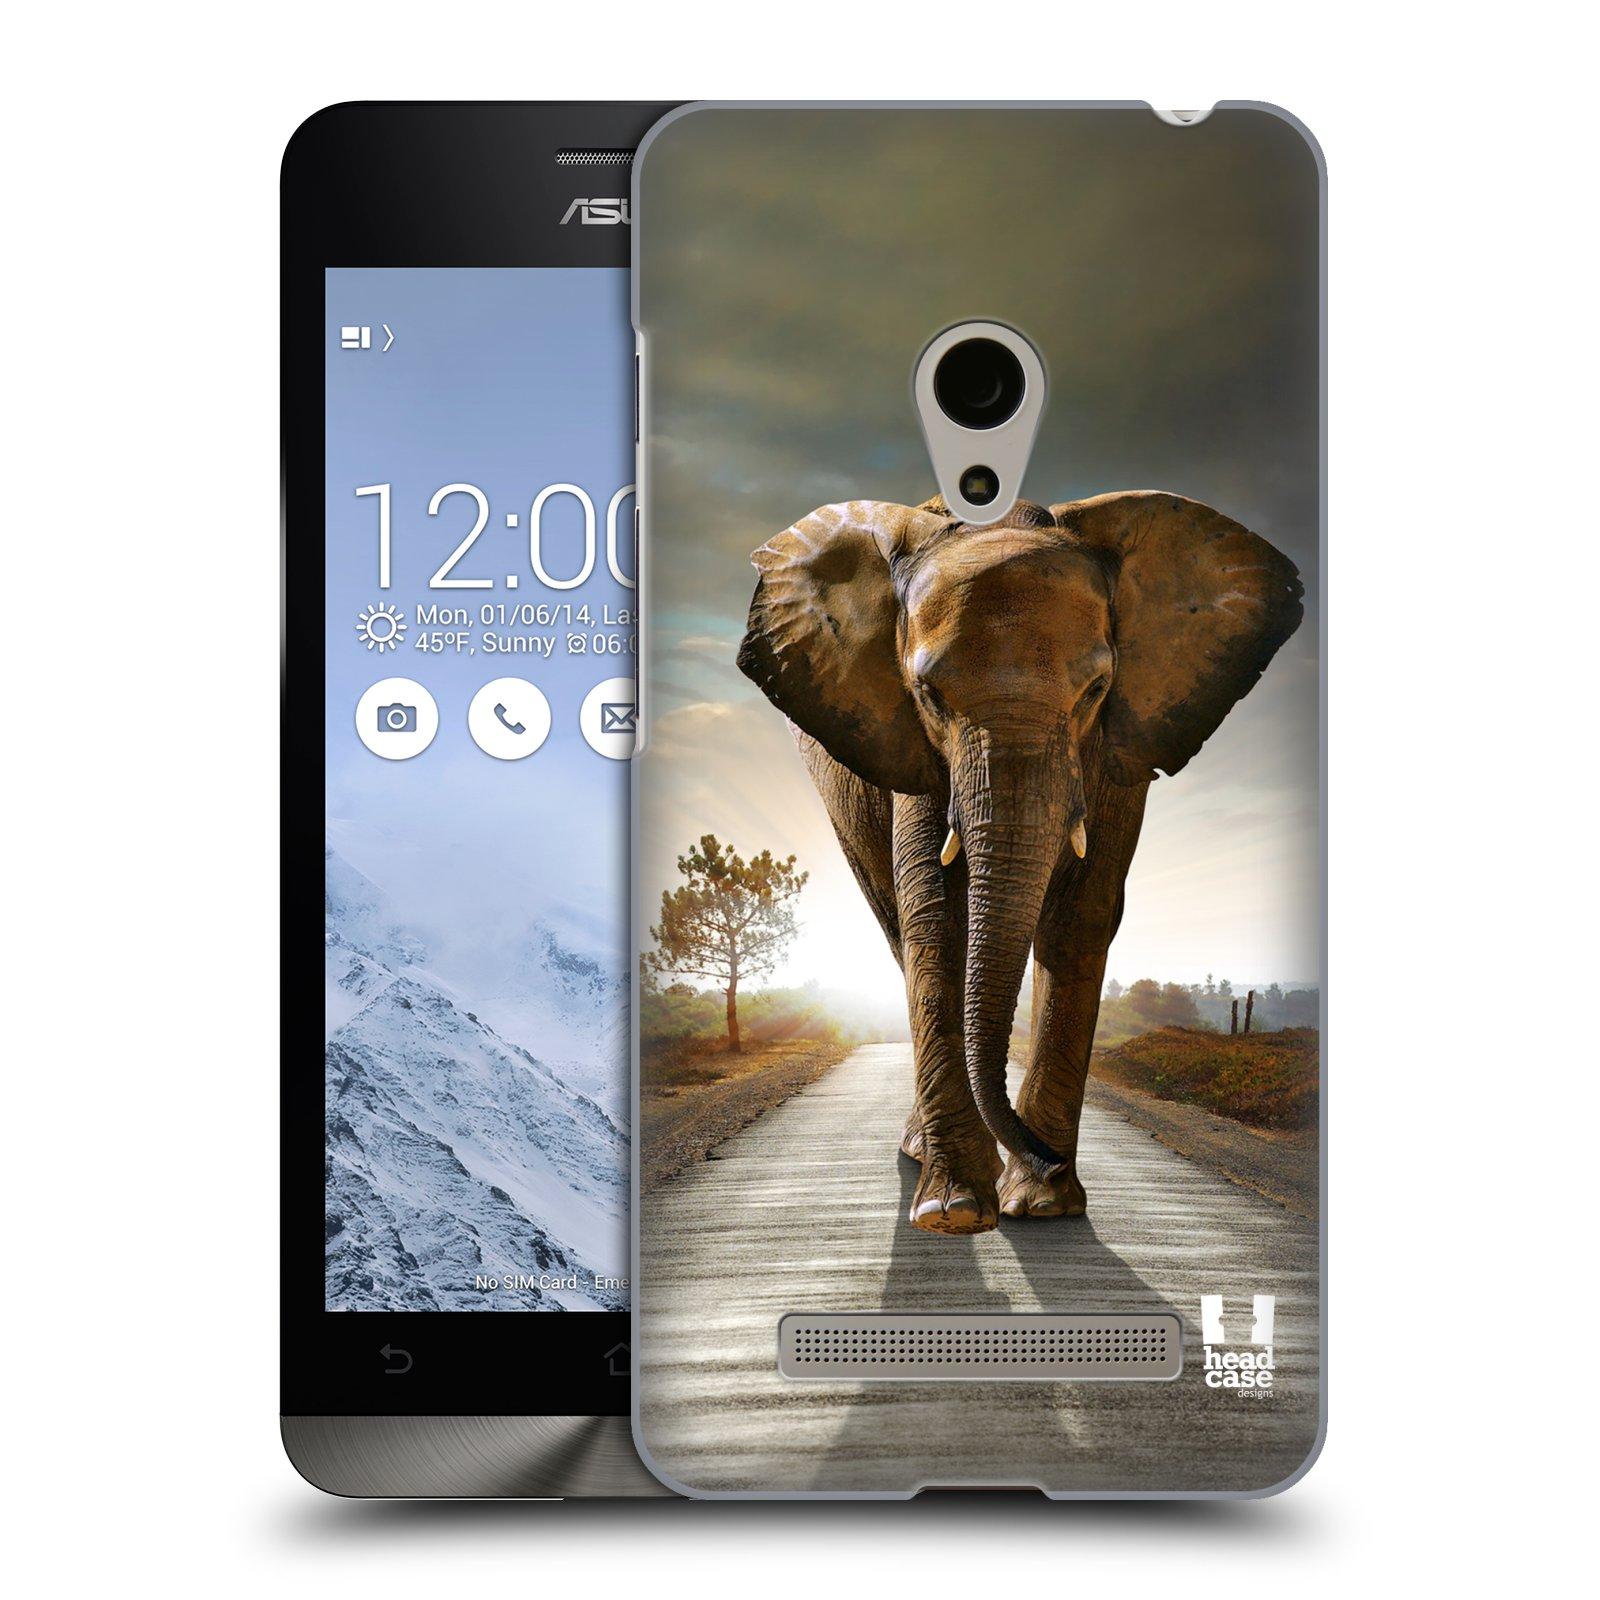 HEAD CASE plastový obal na mobil Asus Zenfone 5 vzor Divočina, Divoký život a zvířata foto AFRIKA KRÁČEJÍCI SLON